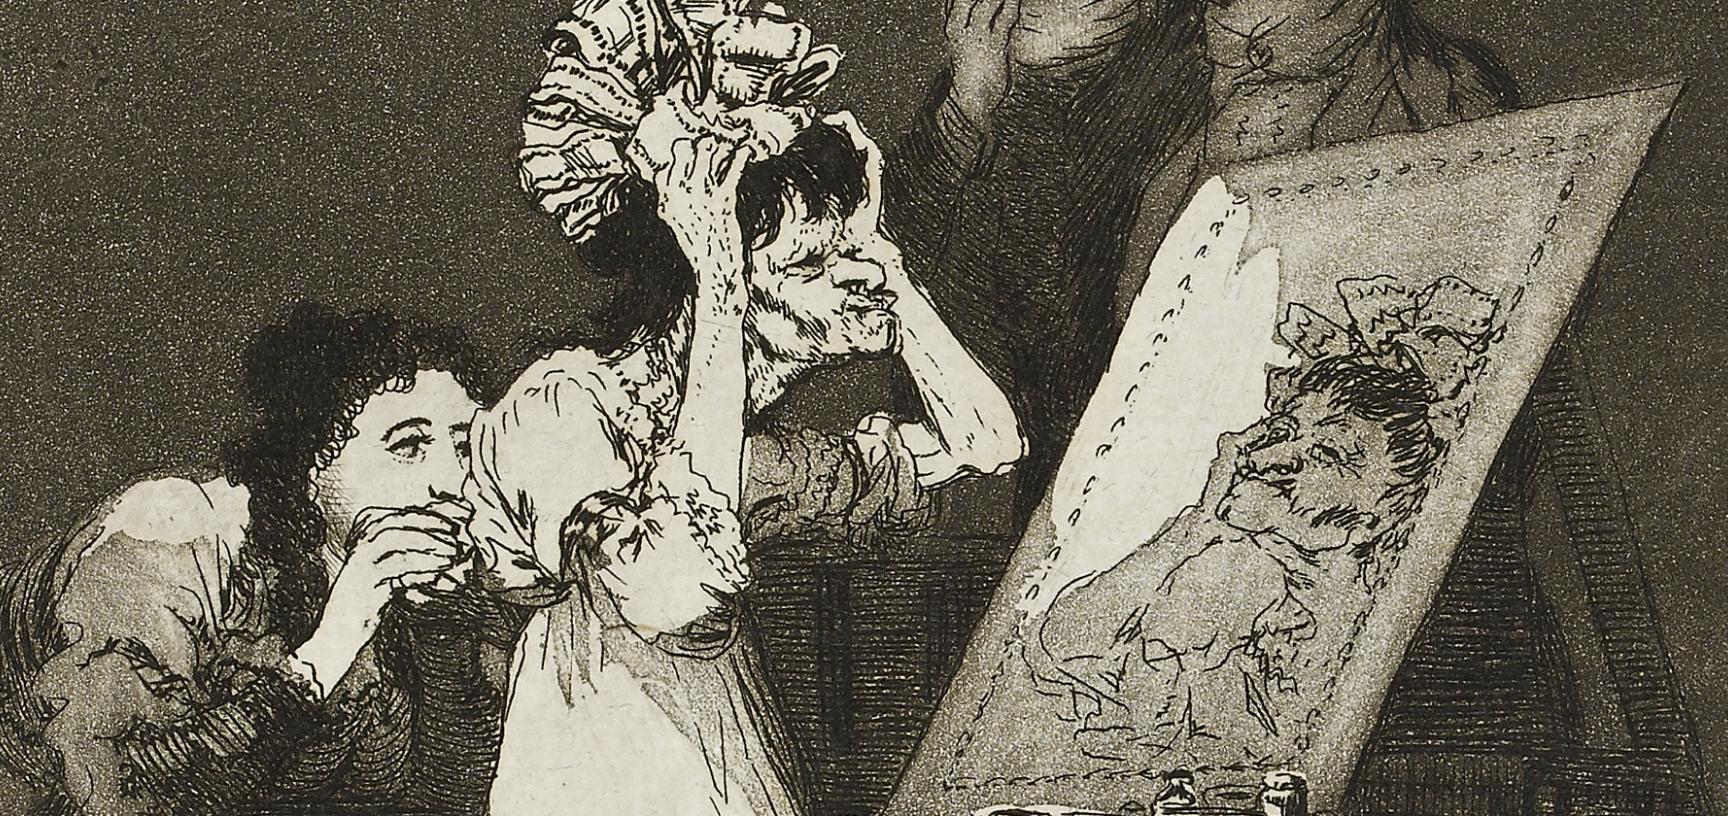 Hasta la muerte by Francisco José de Goya y Lucientes (detail)